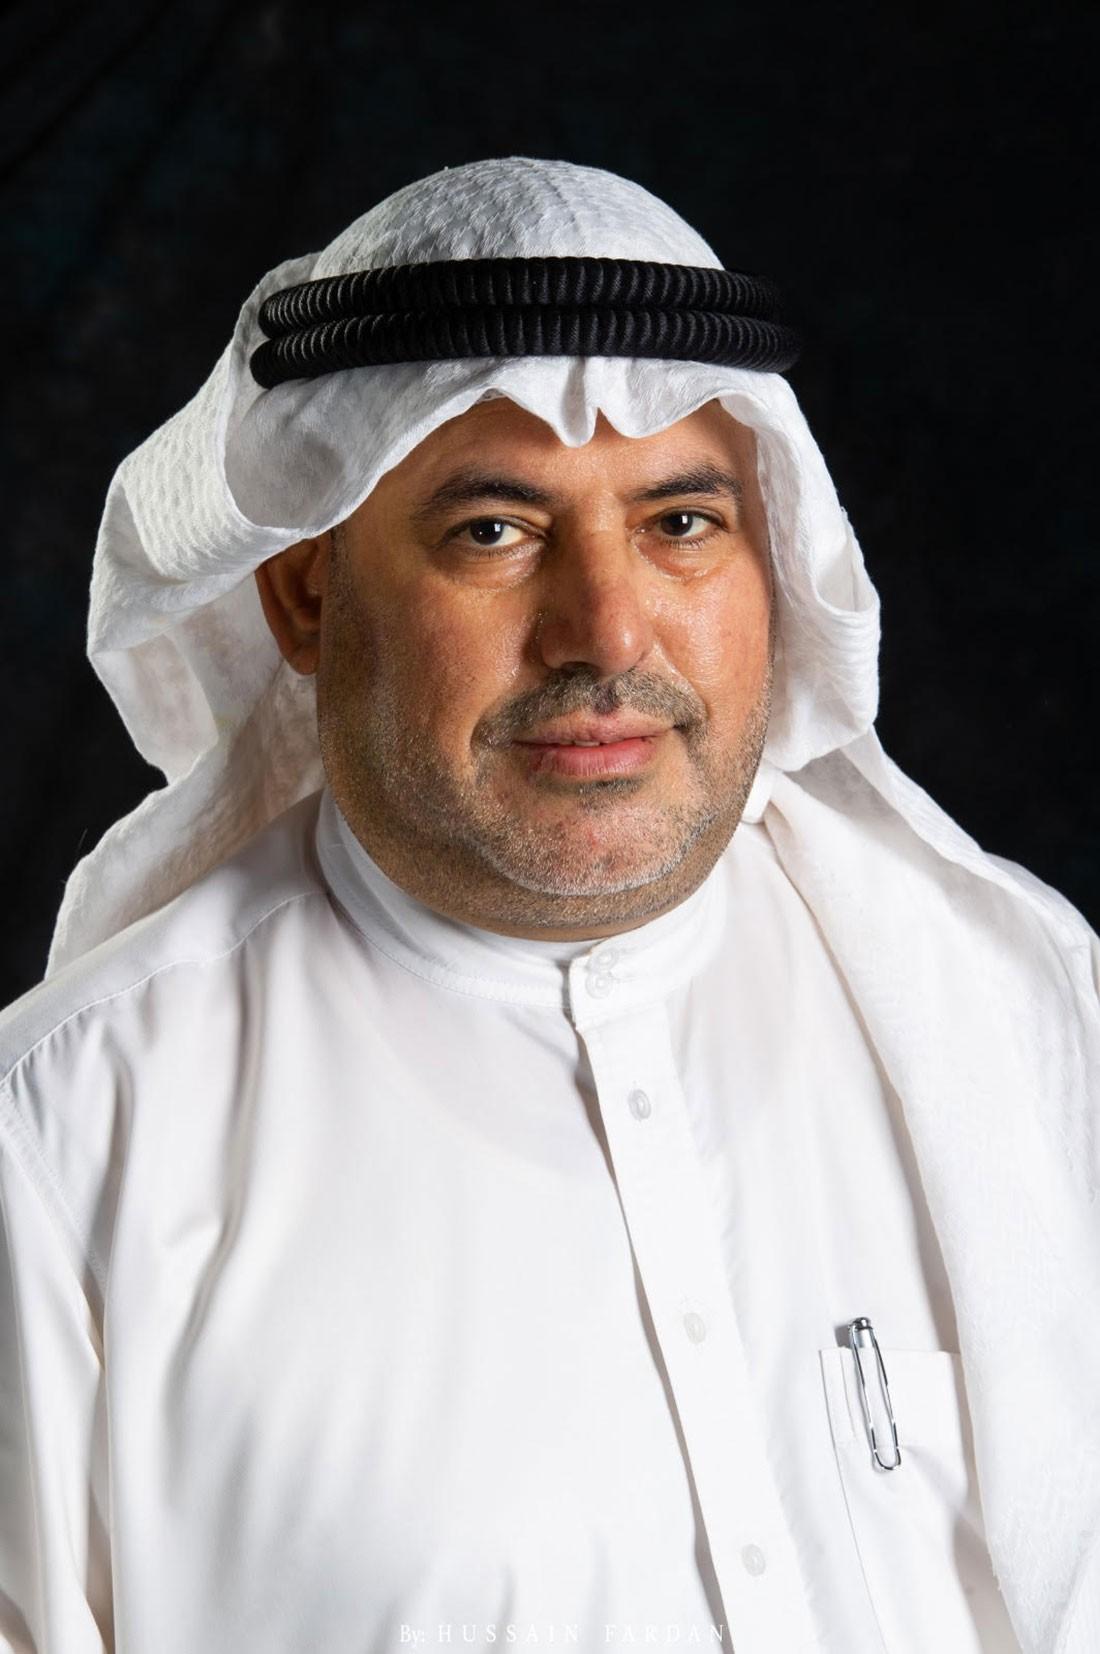 """عبدالعزيز لـ """"البلاد"""": والدي مريض بالسكلر وتوفي بسبب خطأ طبي"""